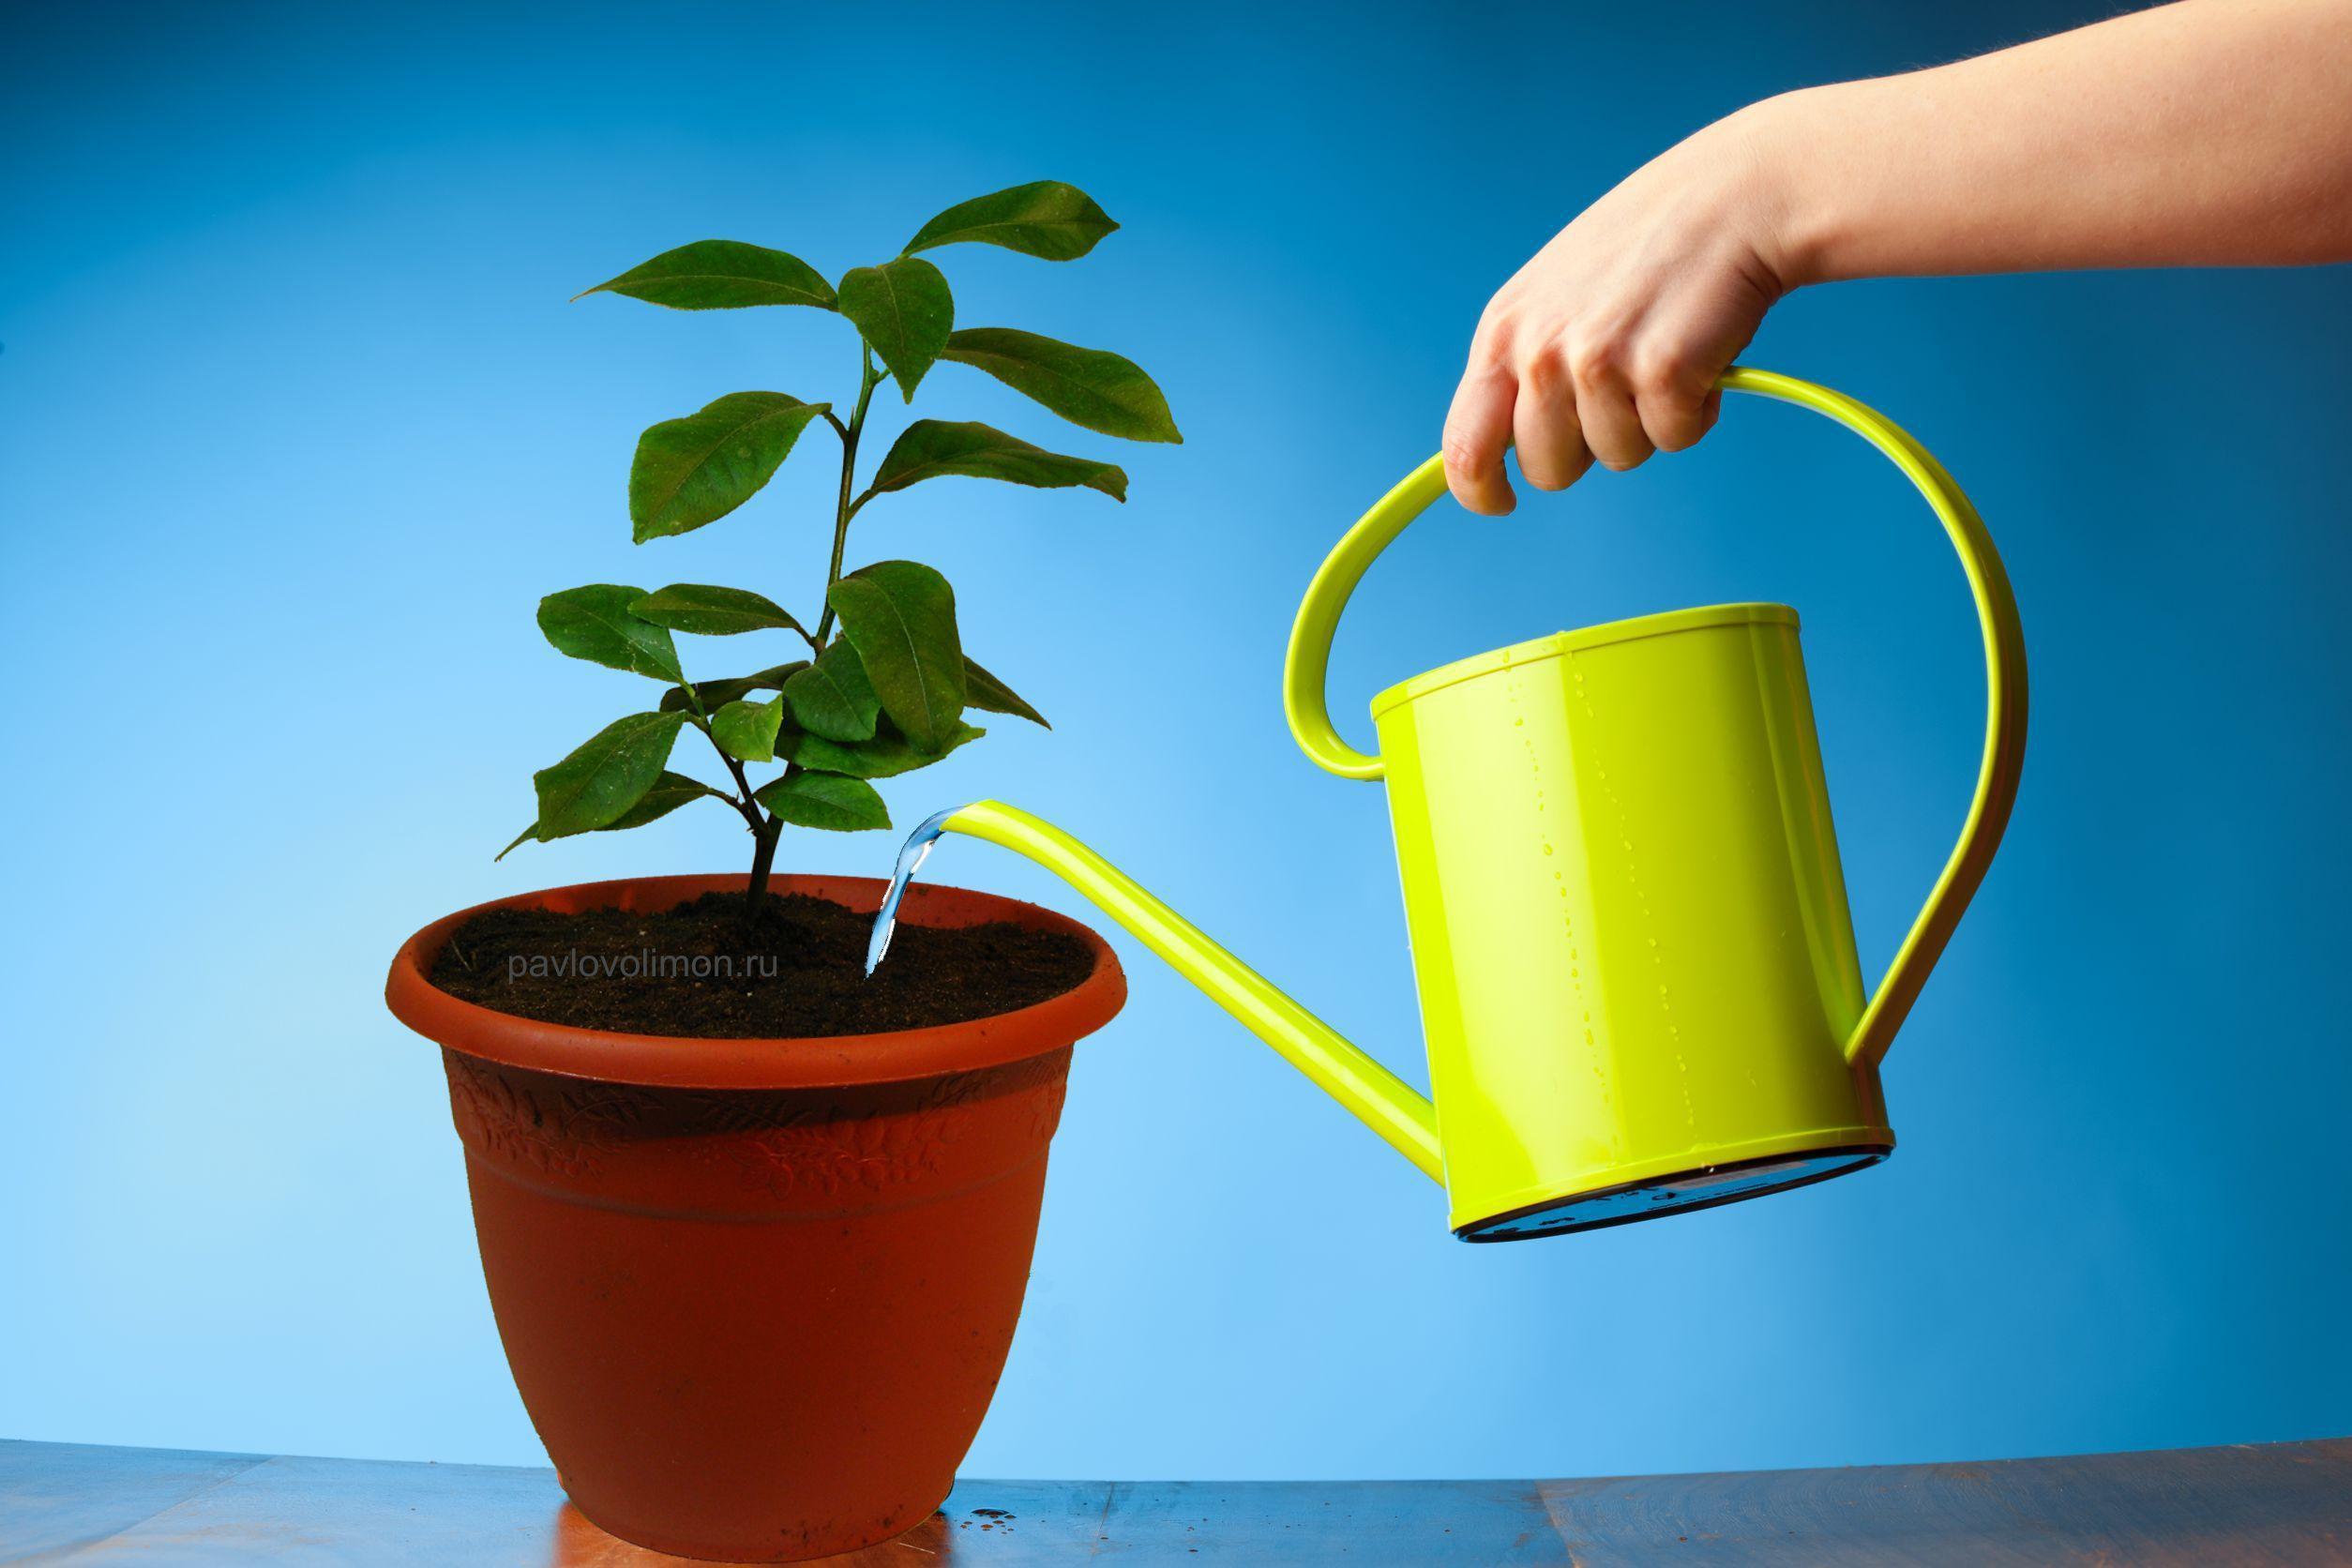 Уход и условия для домашних растений